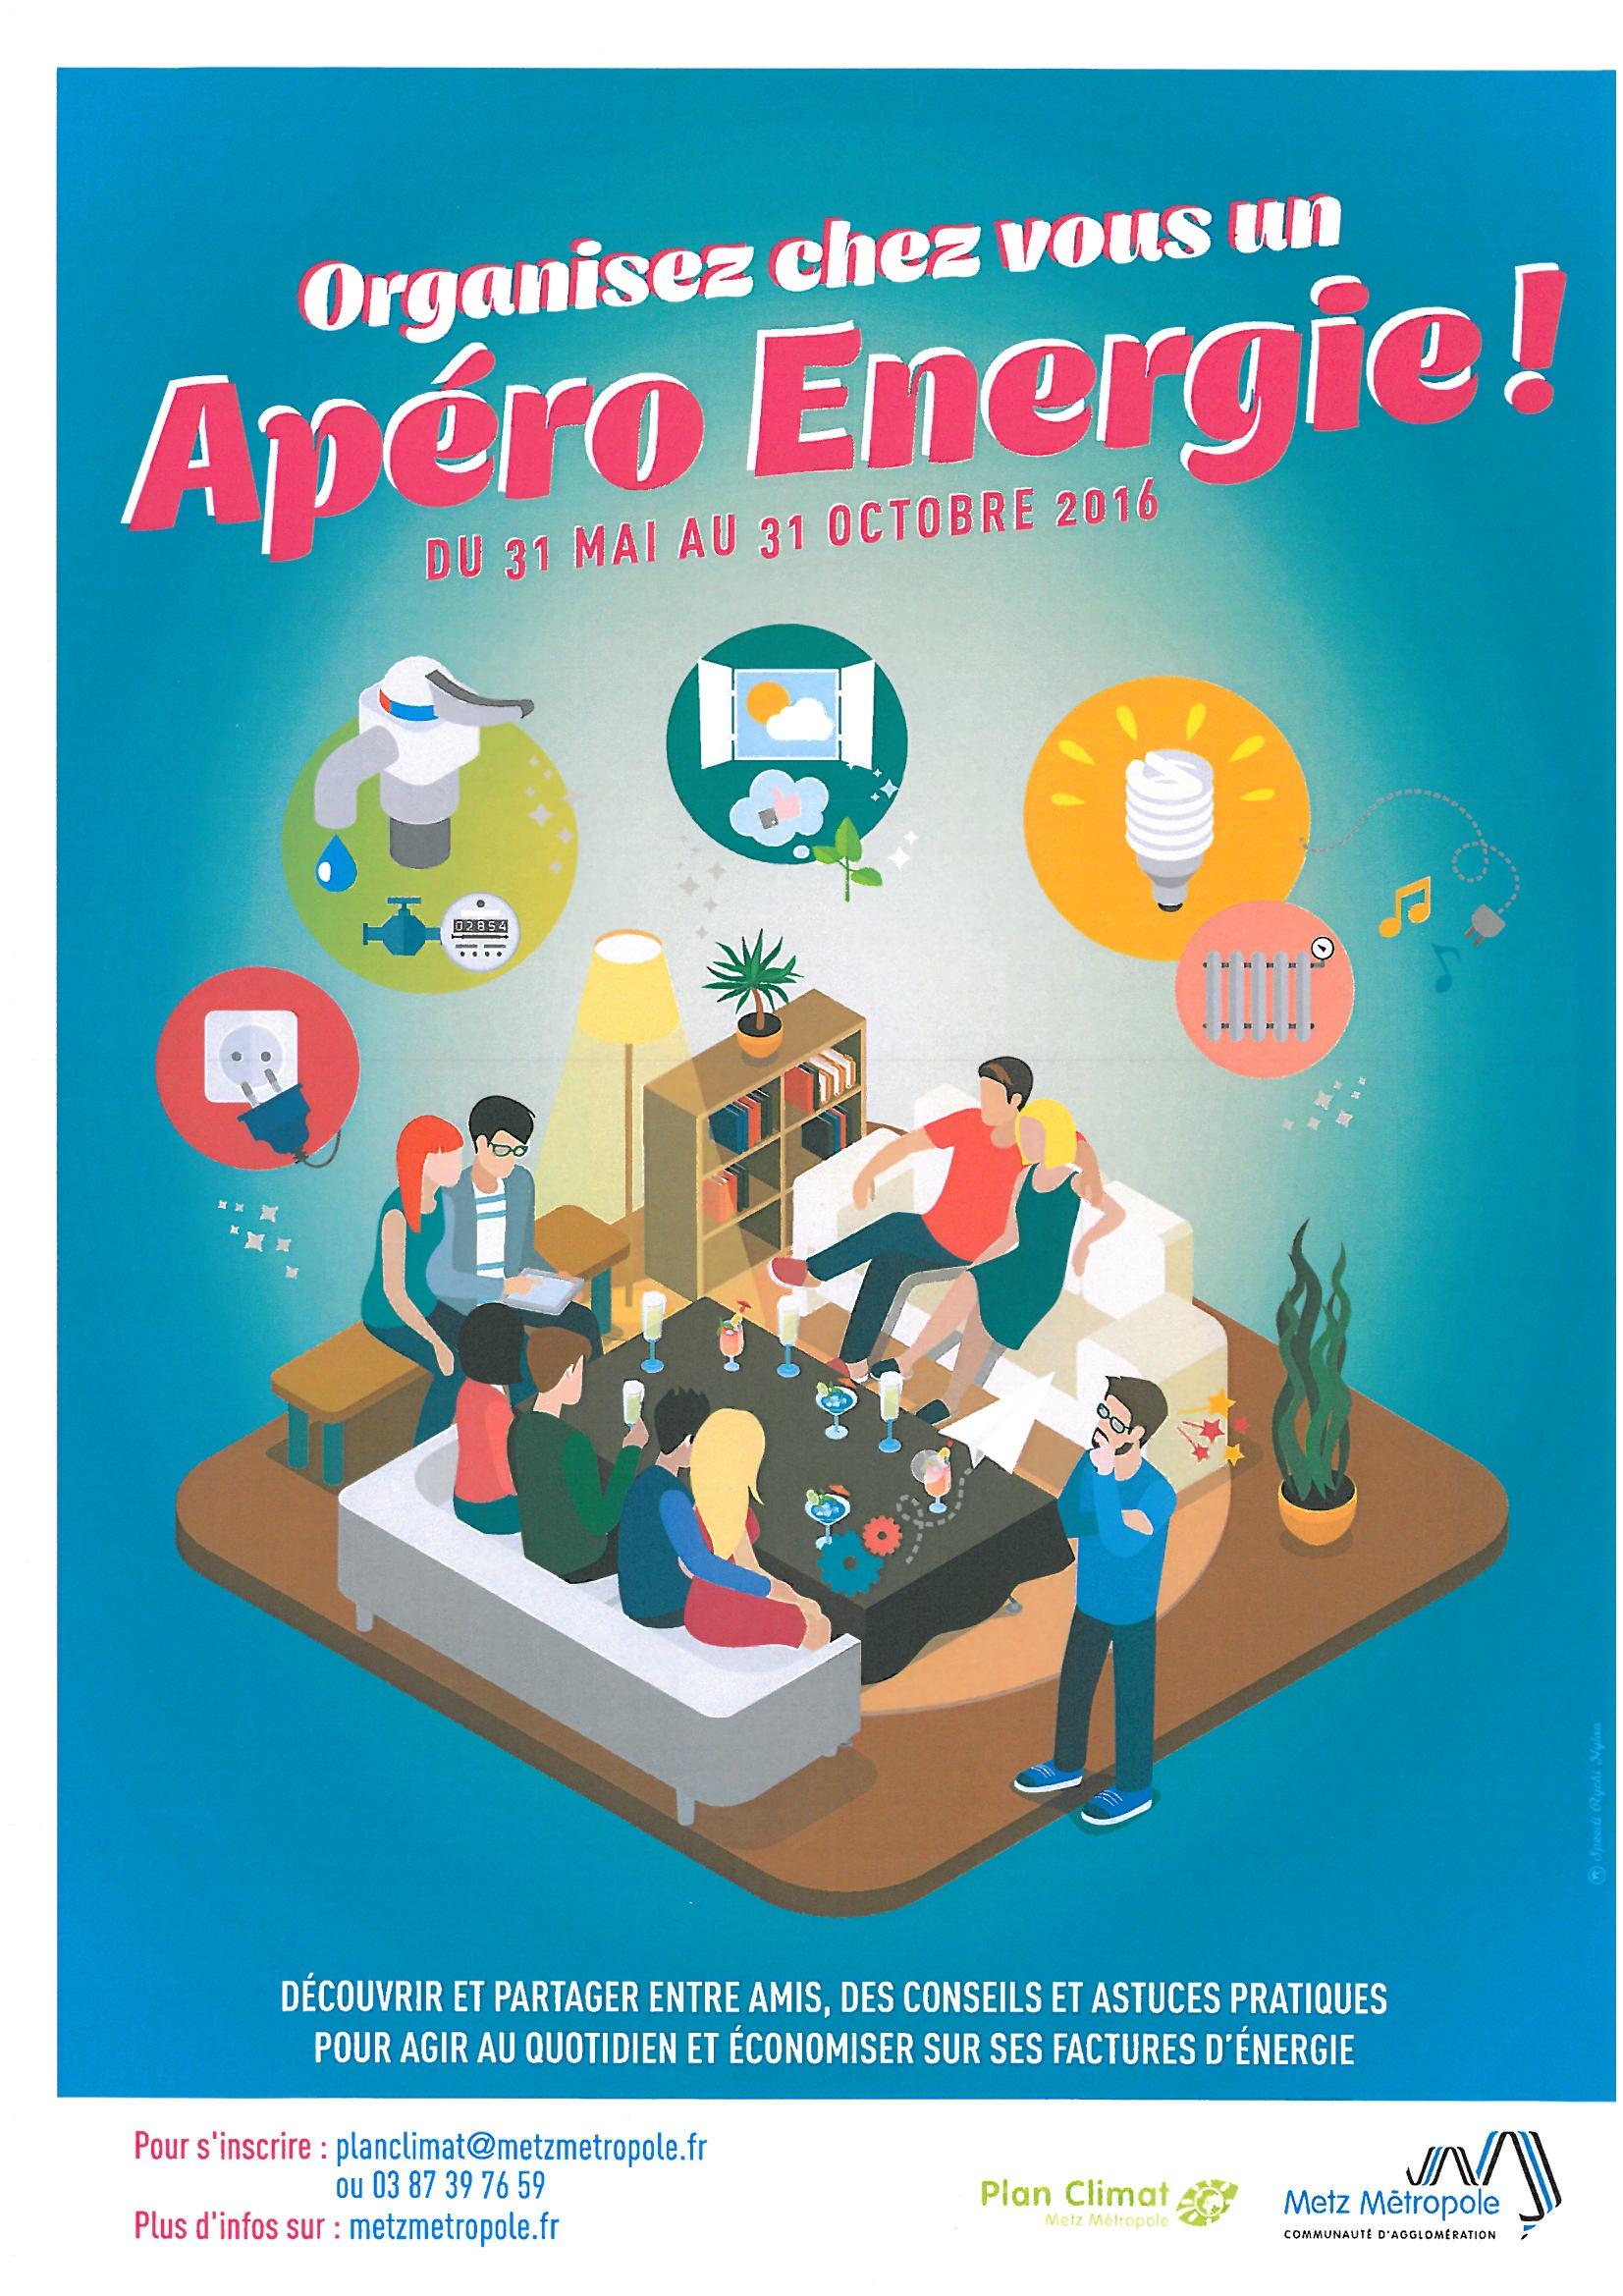 organisez chez vous un APERO ENERGIE du 31 mai au 31 octobre 2016